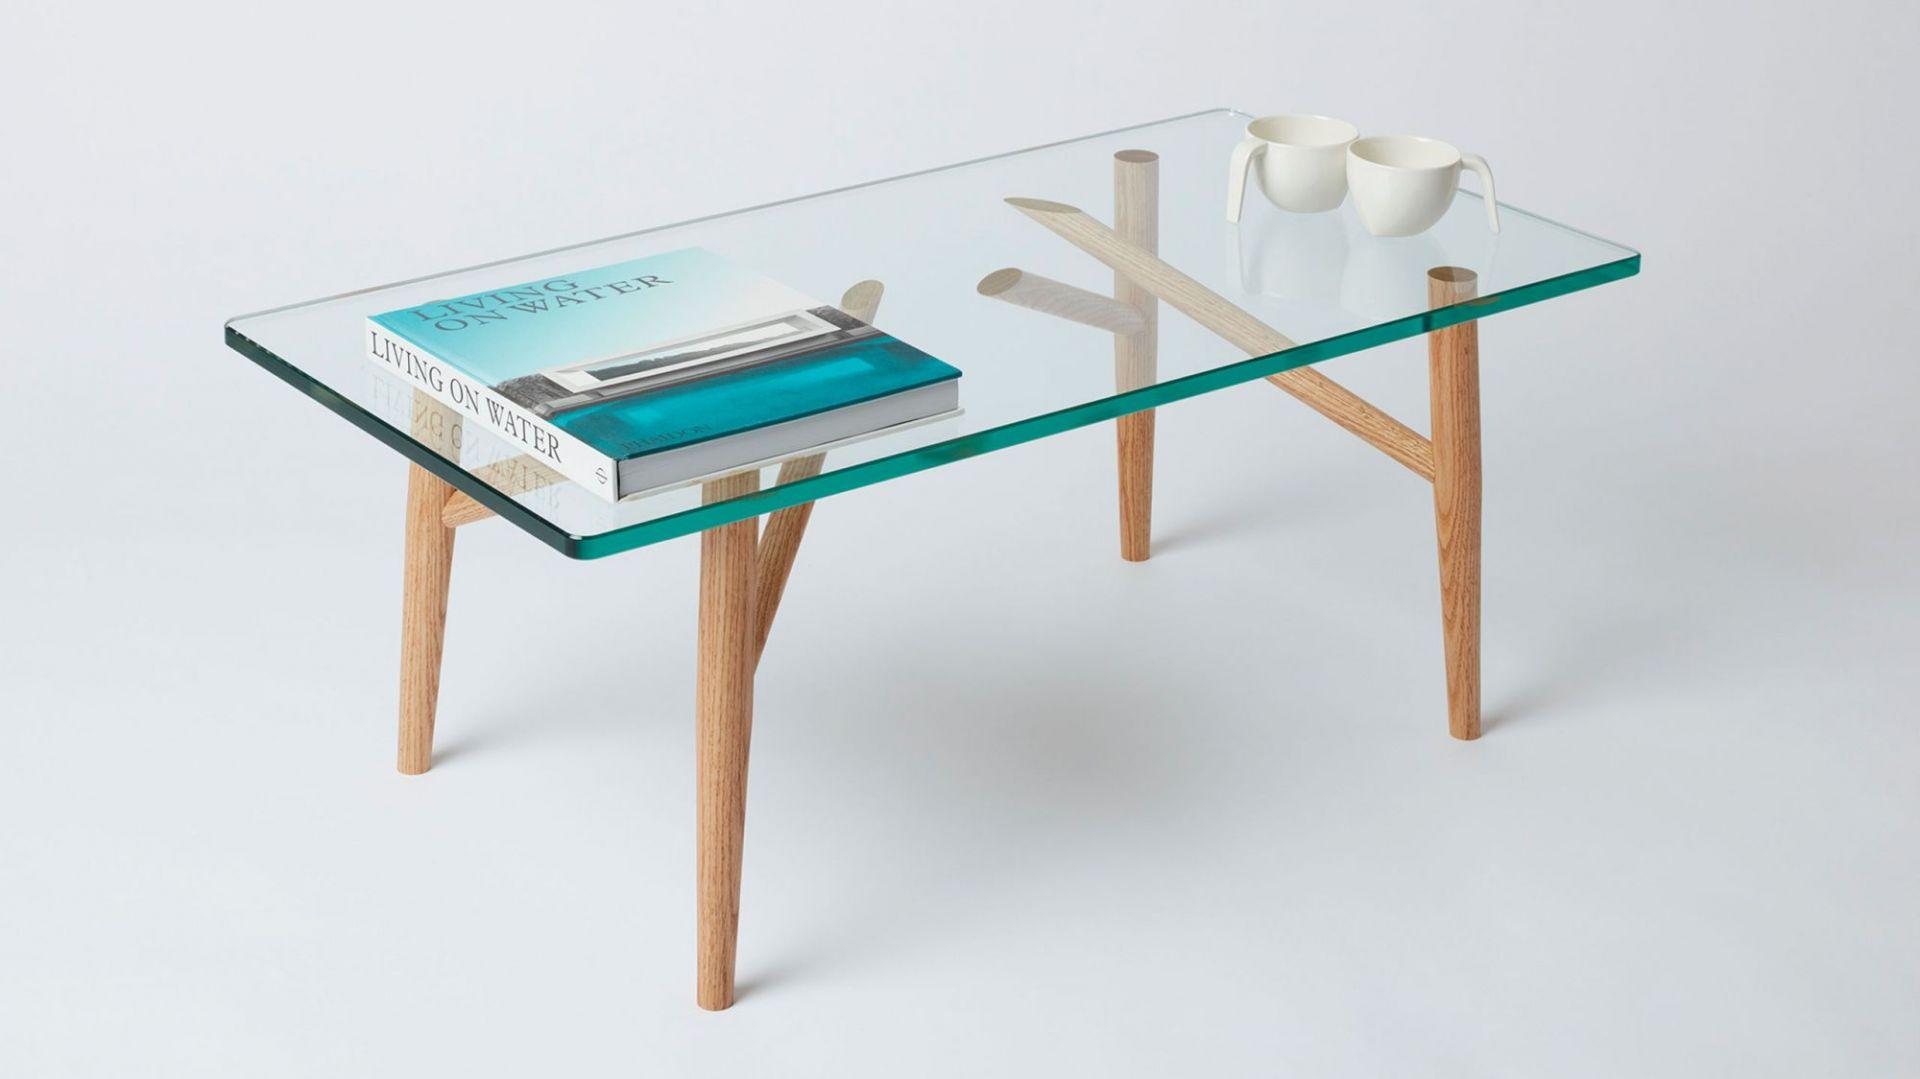 Użyteczny stół, projekt: Bridge, autor: Hamish Cock. Fot. Building Crafts College (BCC)